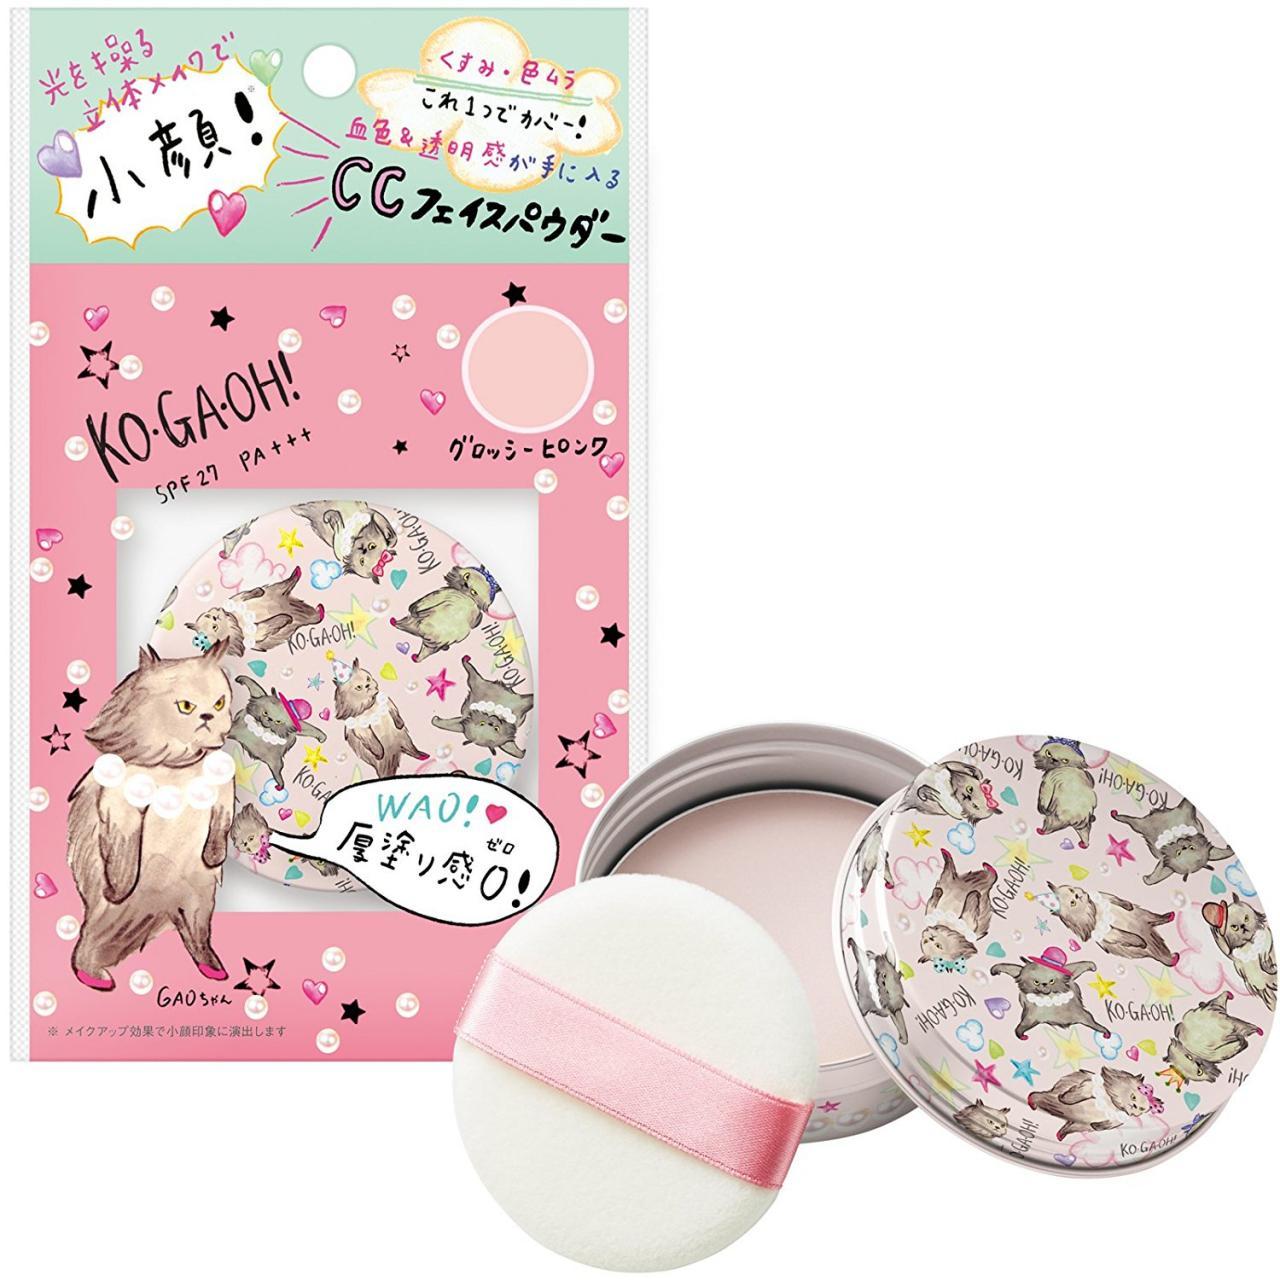 コガオウ(KO・GA・OH!) CCフェイスパウダー グロッシーピンク